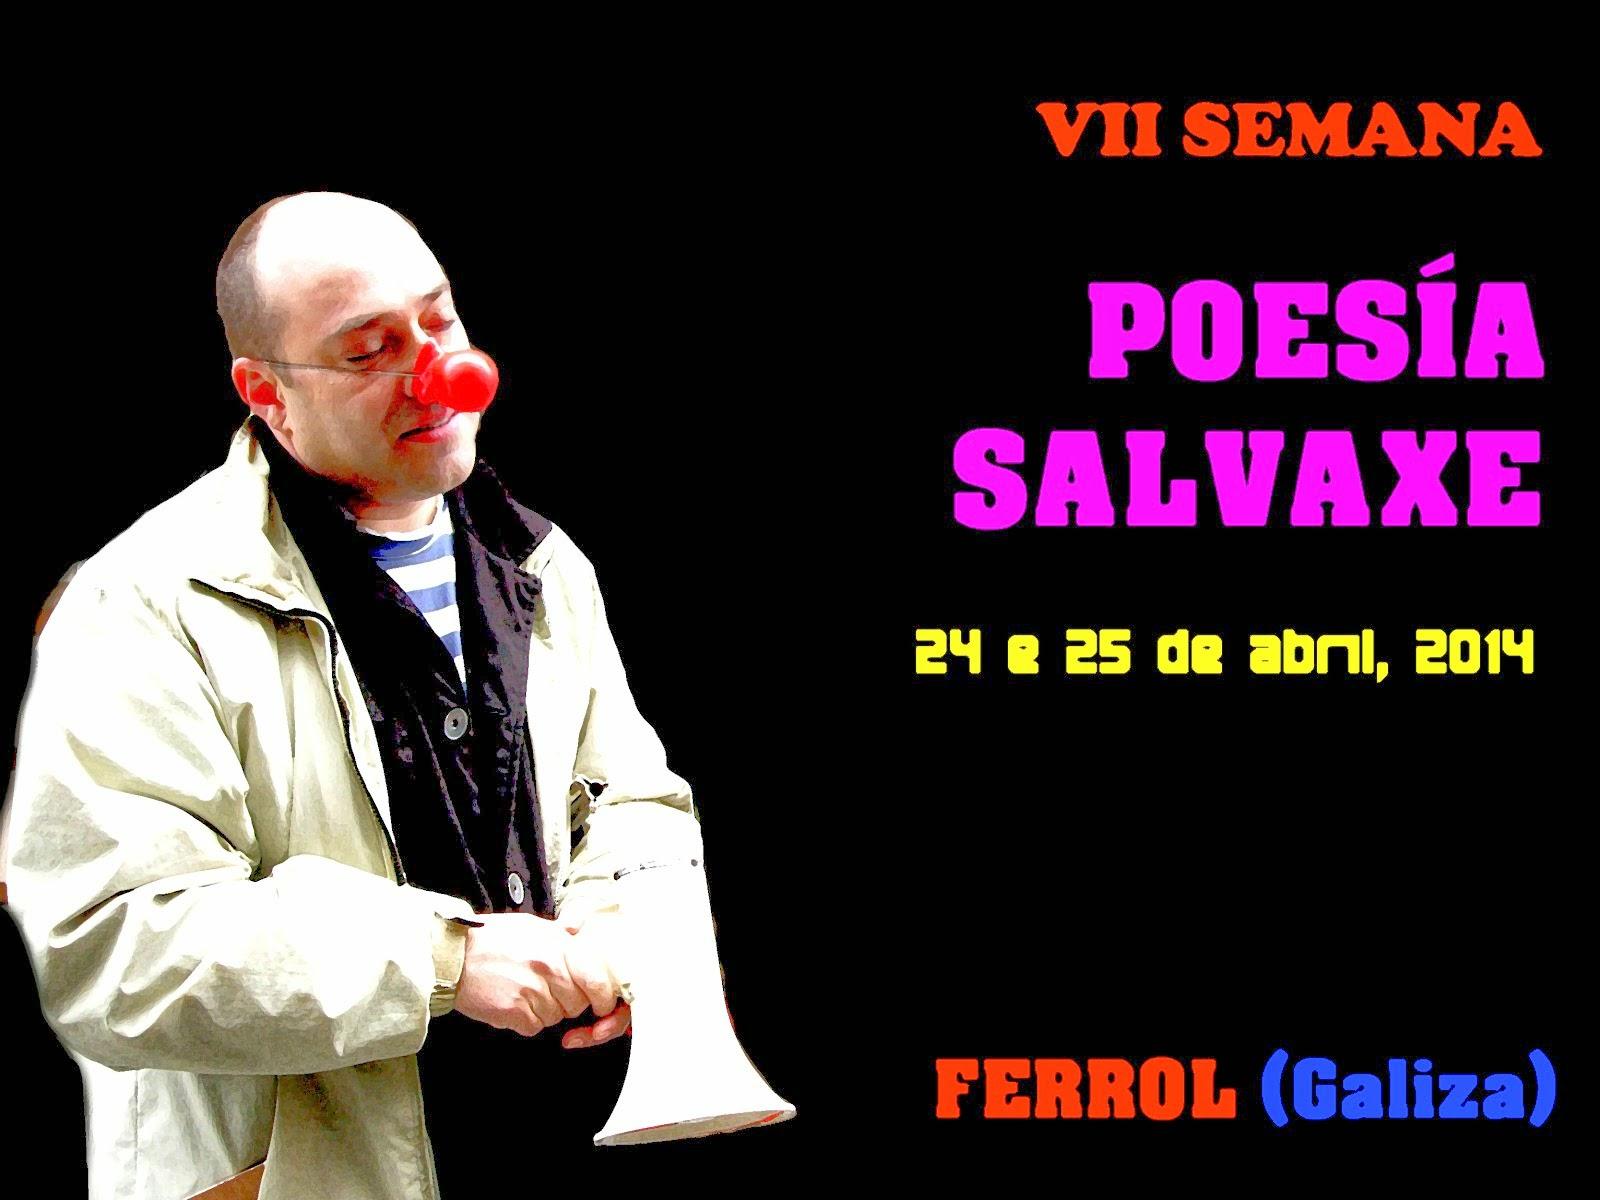 7ª SEMANA POESÍA SALVAXE